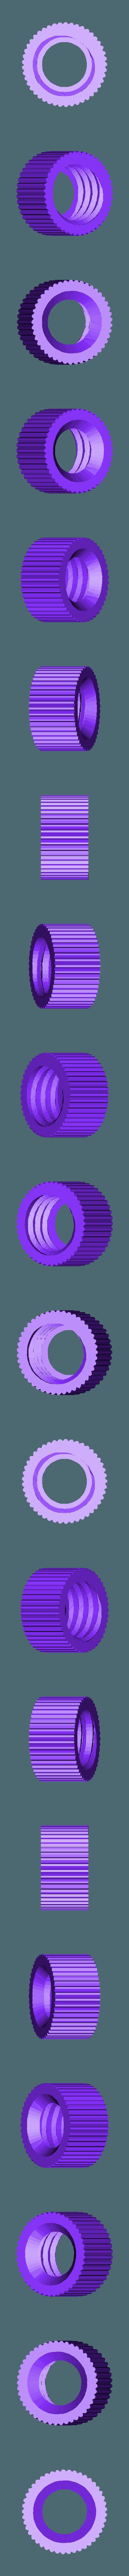 C920_Mount_-_Nut.stl Download free STL file CR10, Ender Logitech c920, c270, c310, c910 20/20 camera mount system • 3D printing object, FedorSosnin